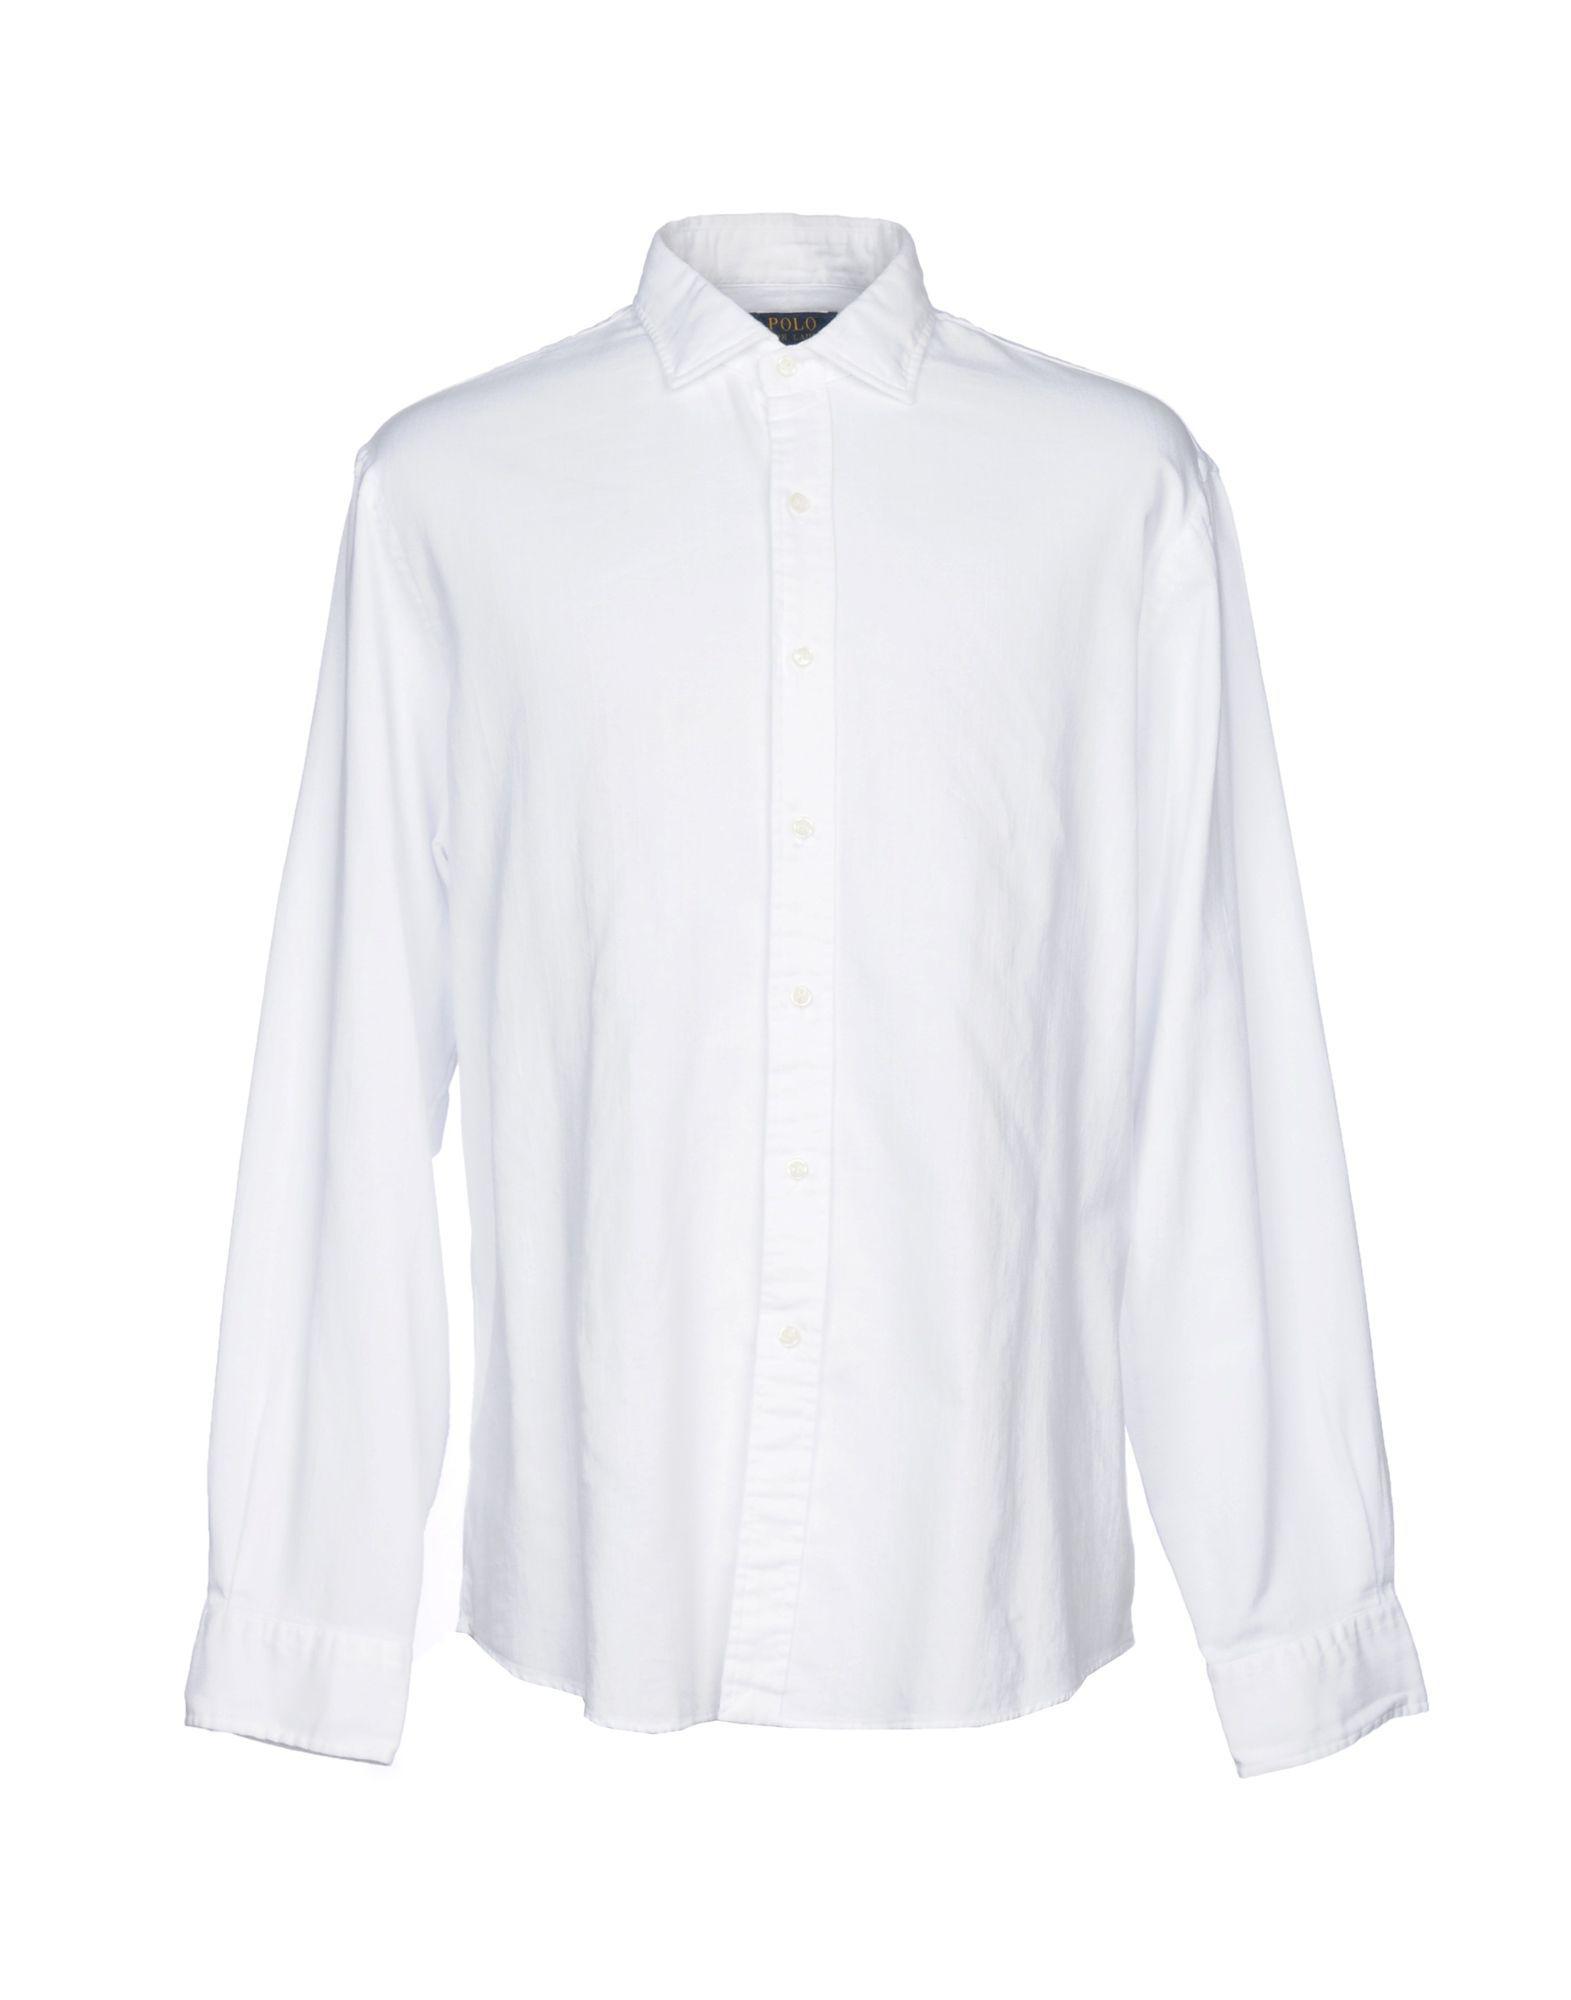 Lyst Blanc Pour Lauren En 1 Chemise Ralph Homme Polo Coloris uOPXZki